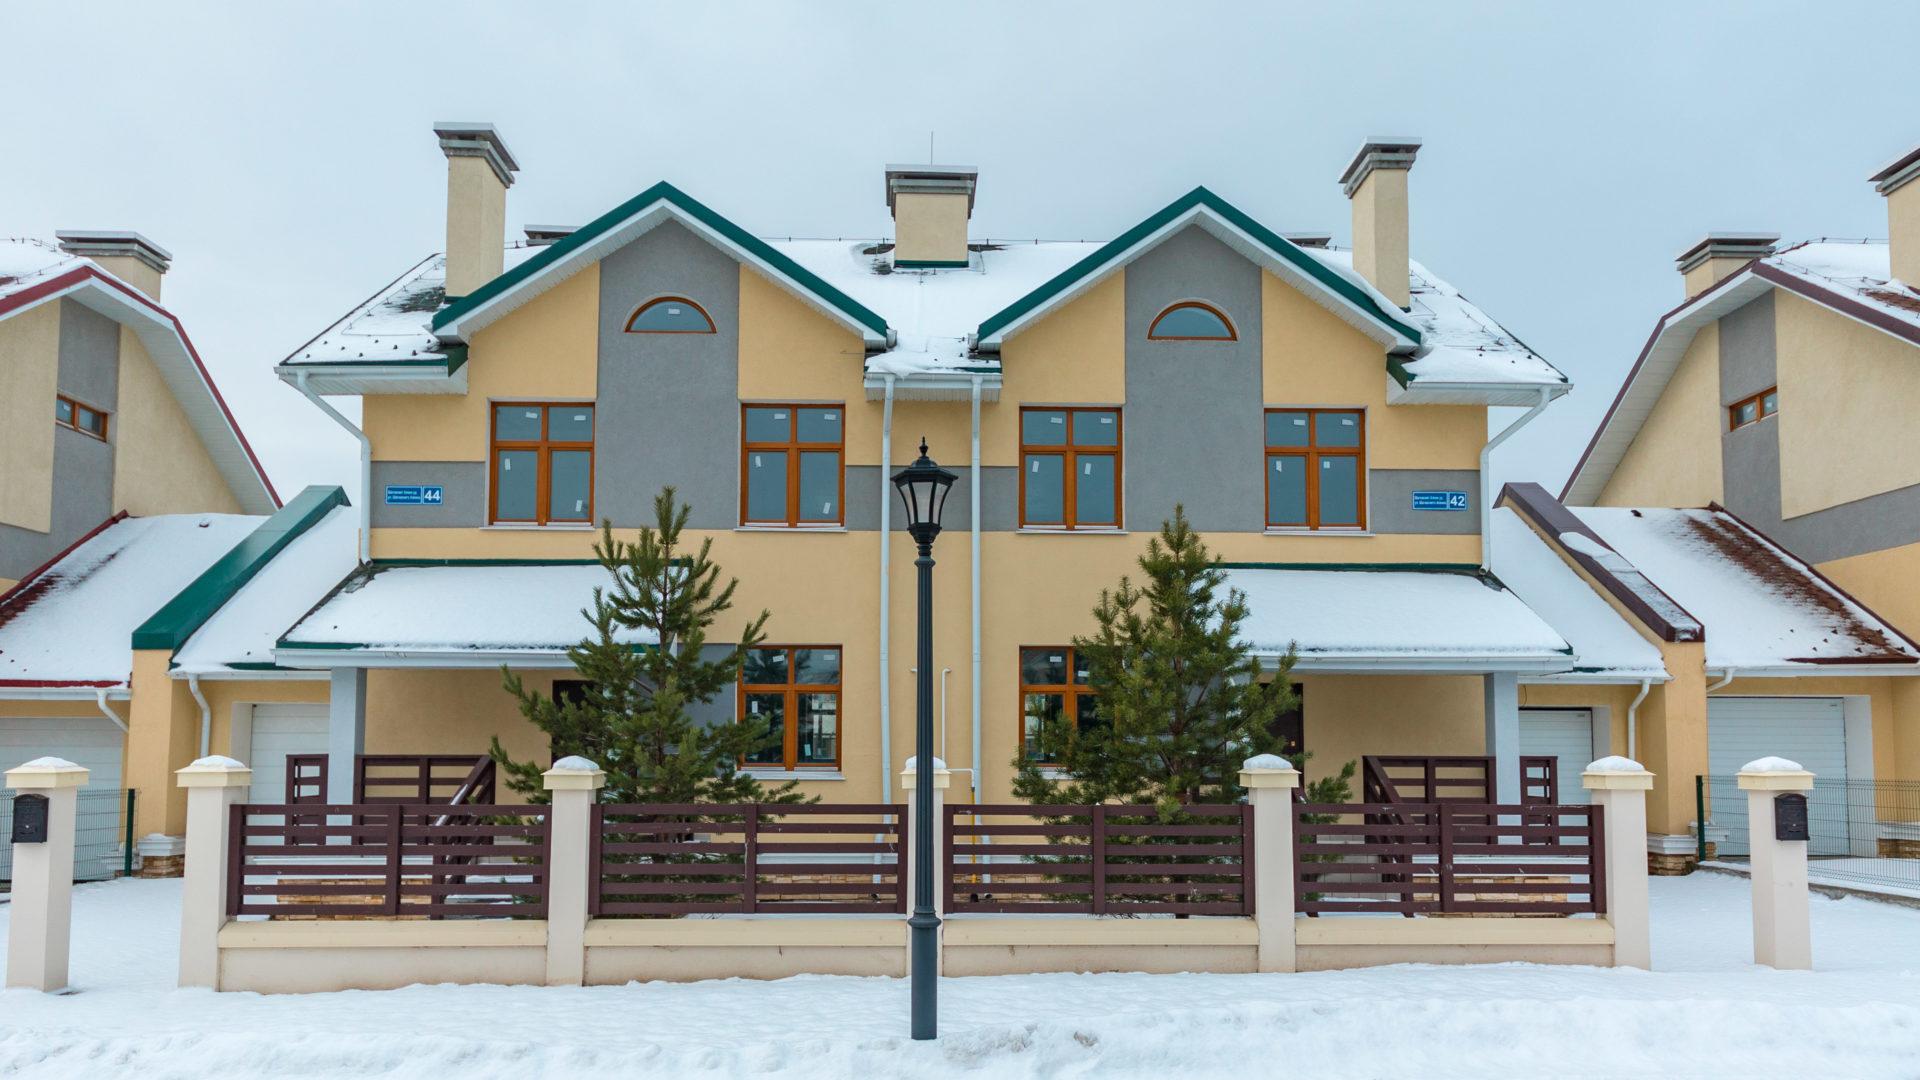 День открытых дверей в коттеджном посёлке «Примавера»